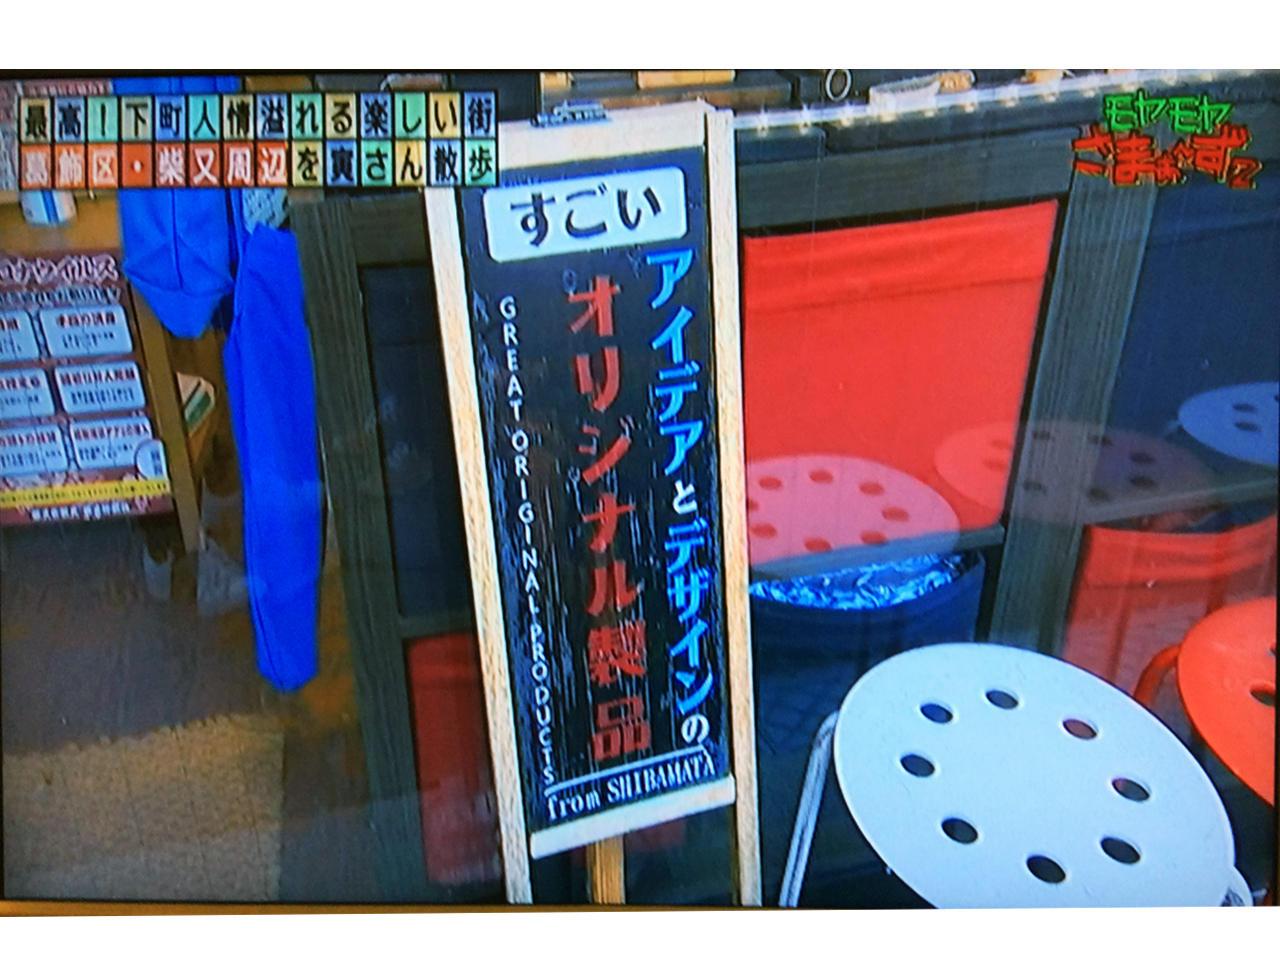 http://alrt.tokyo/news/moyasama_scrap2.jpg